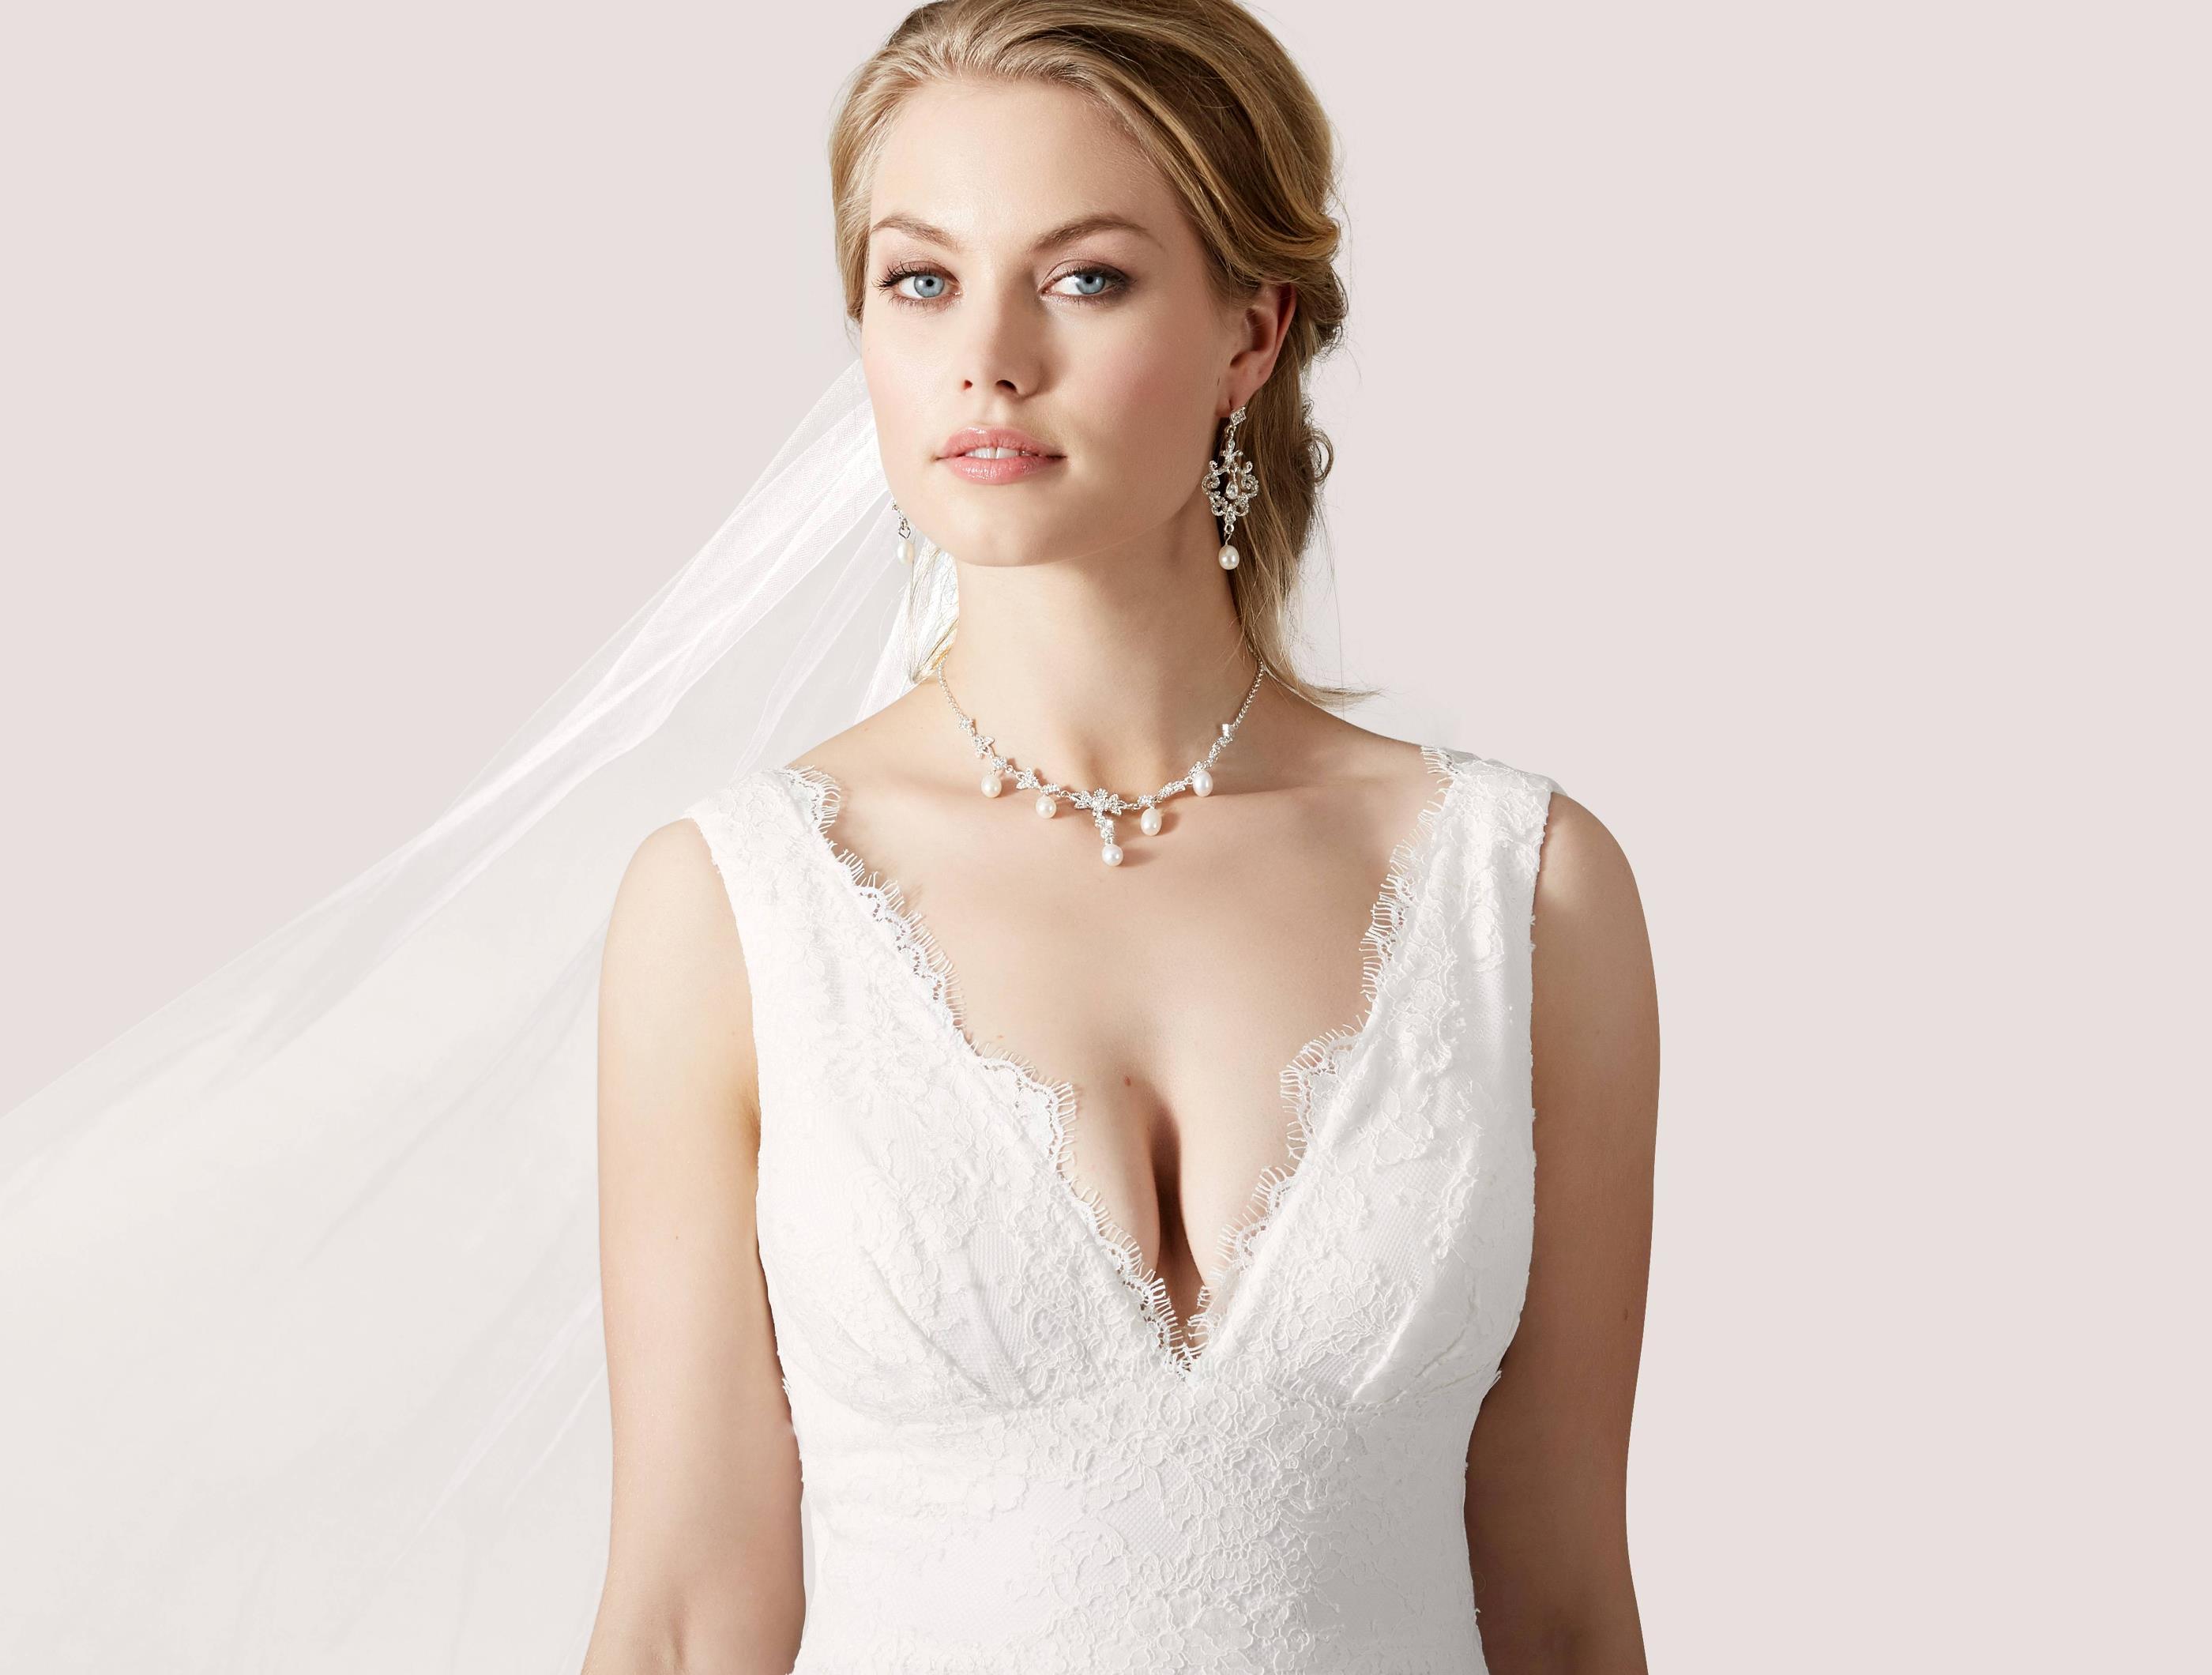 Brudklänning Från Lilly Leveranstid kan variera mellan 1-14 veckor Kontakta oss gärna om du har bråttom med produkten.